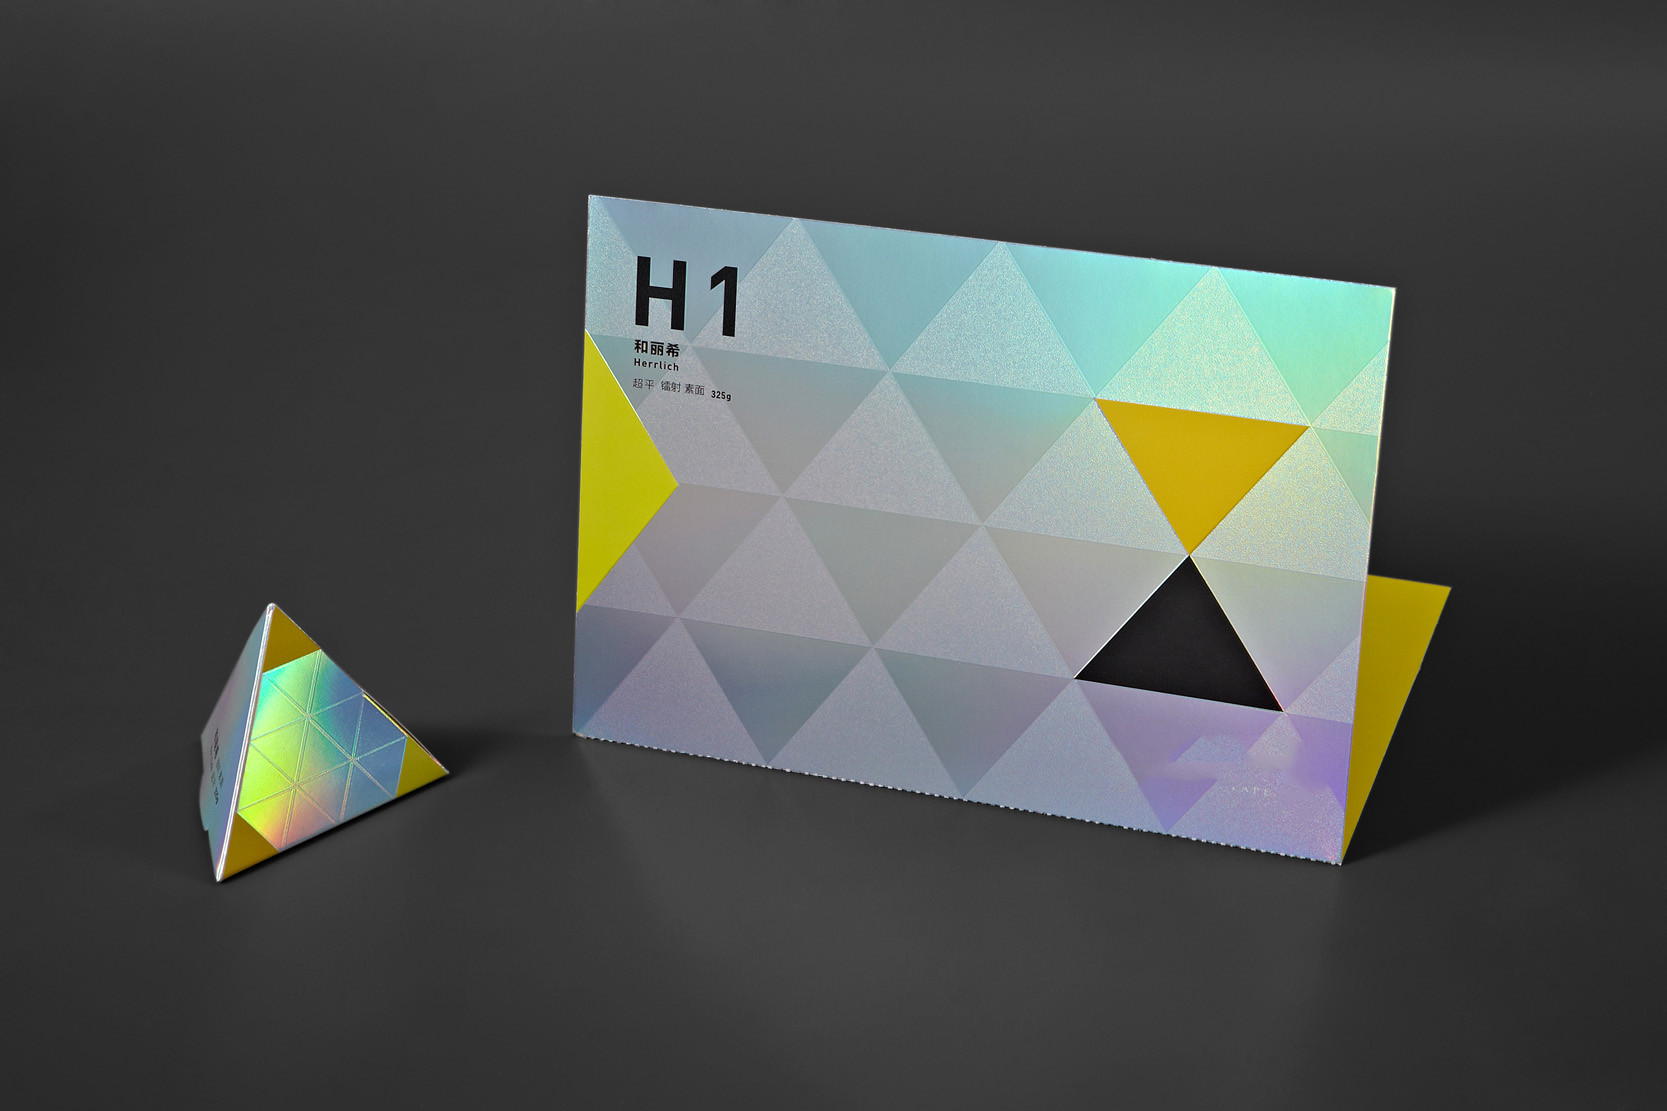 H1镭射卡纸的用途和特点